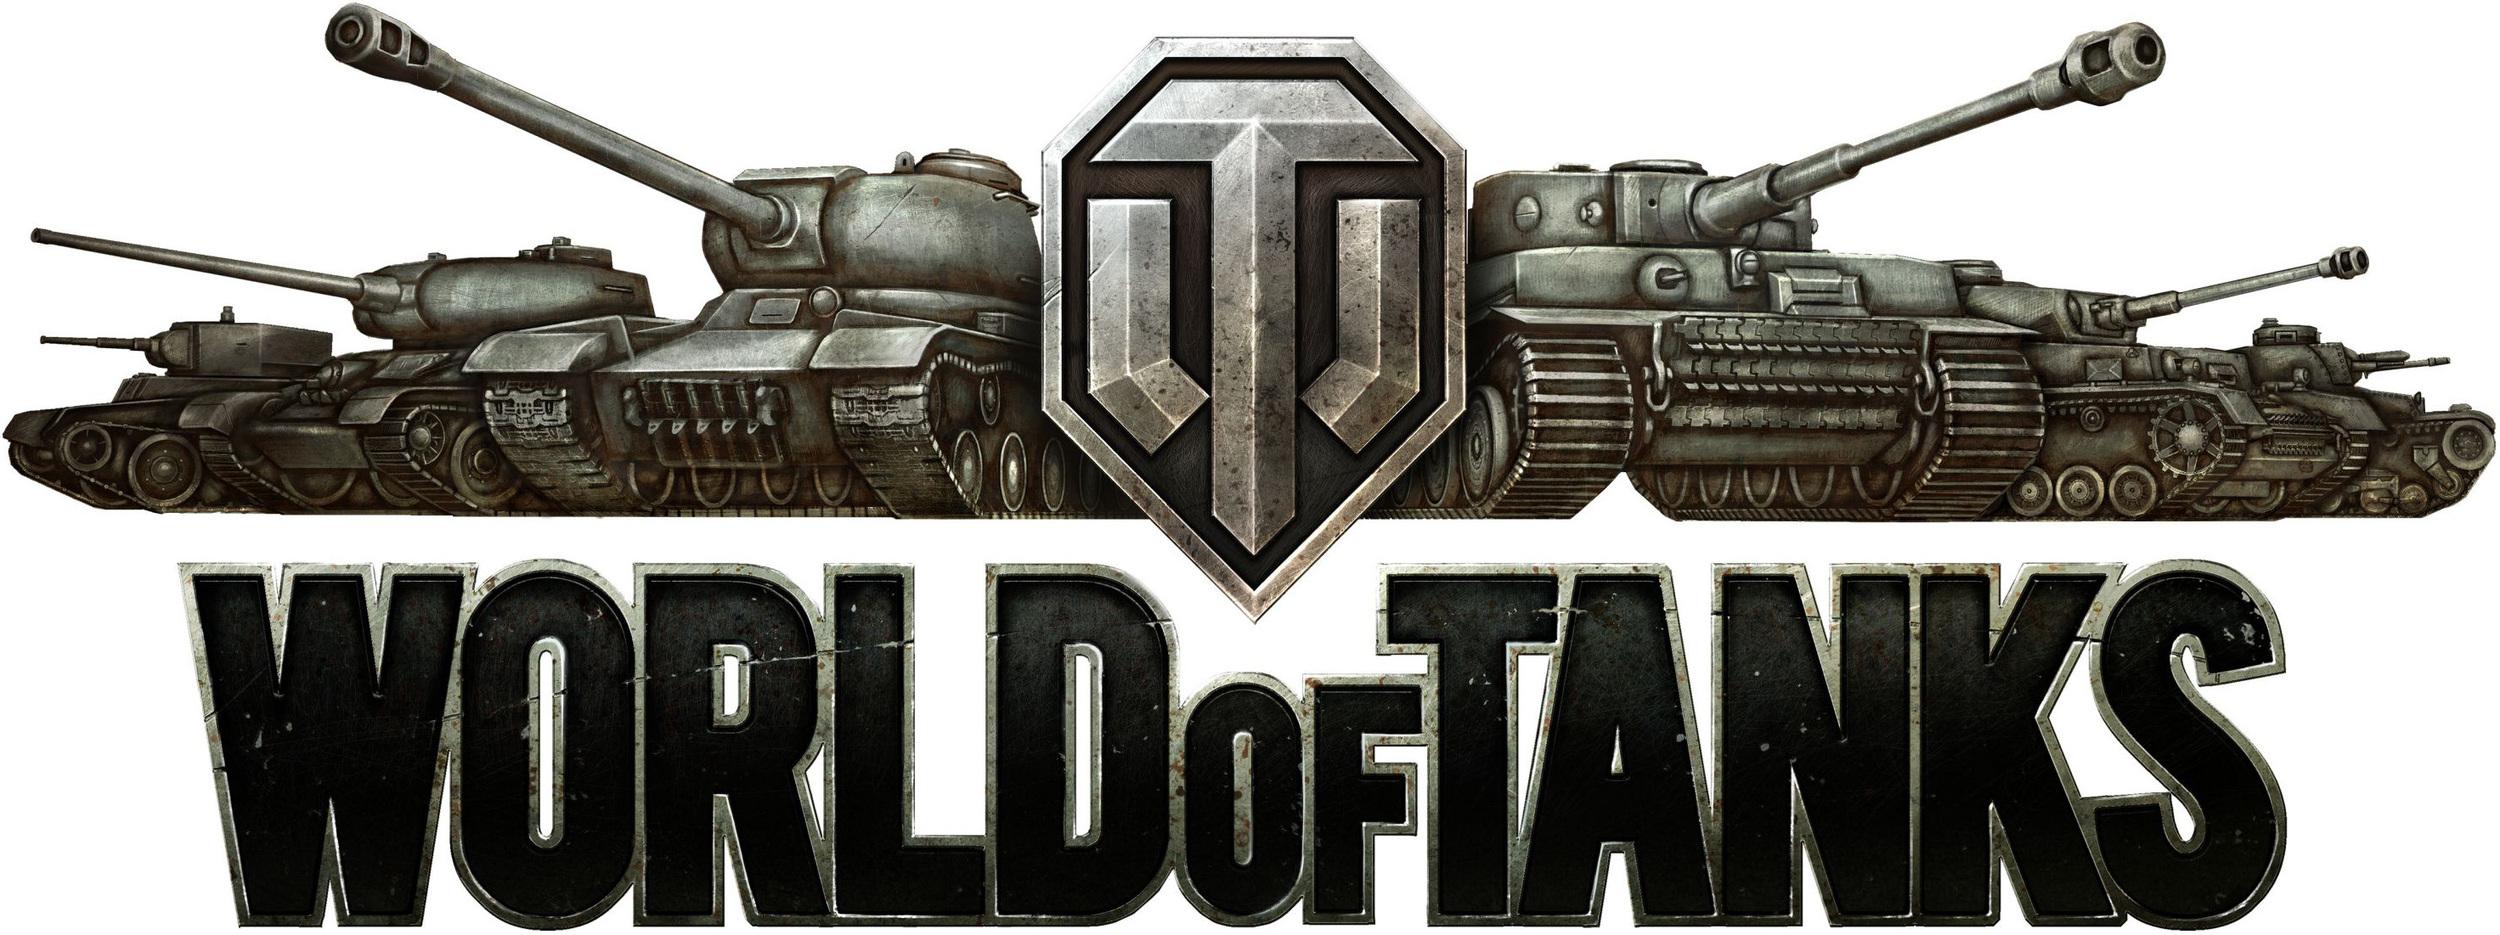 origin_world-of-tanks-1.jpg